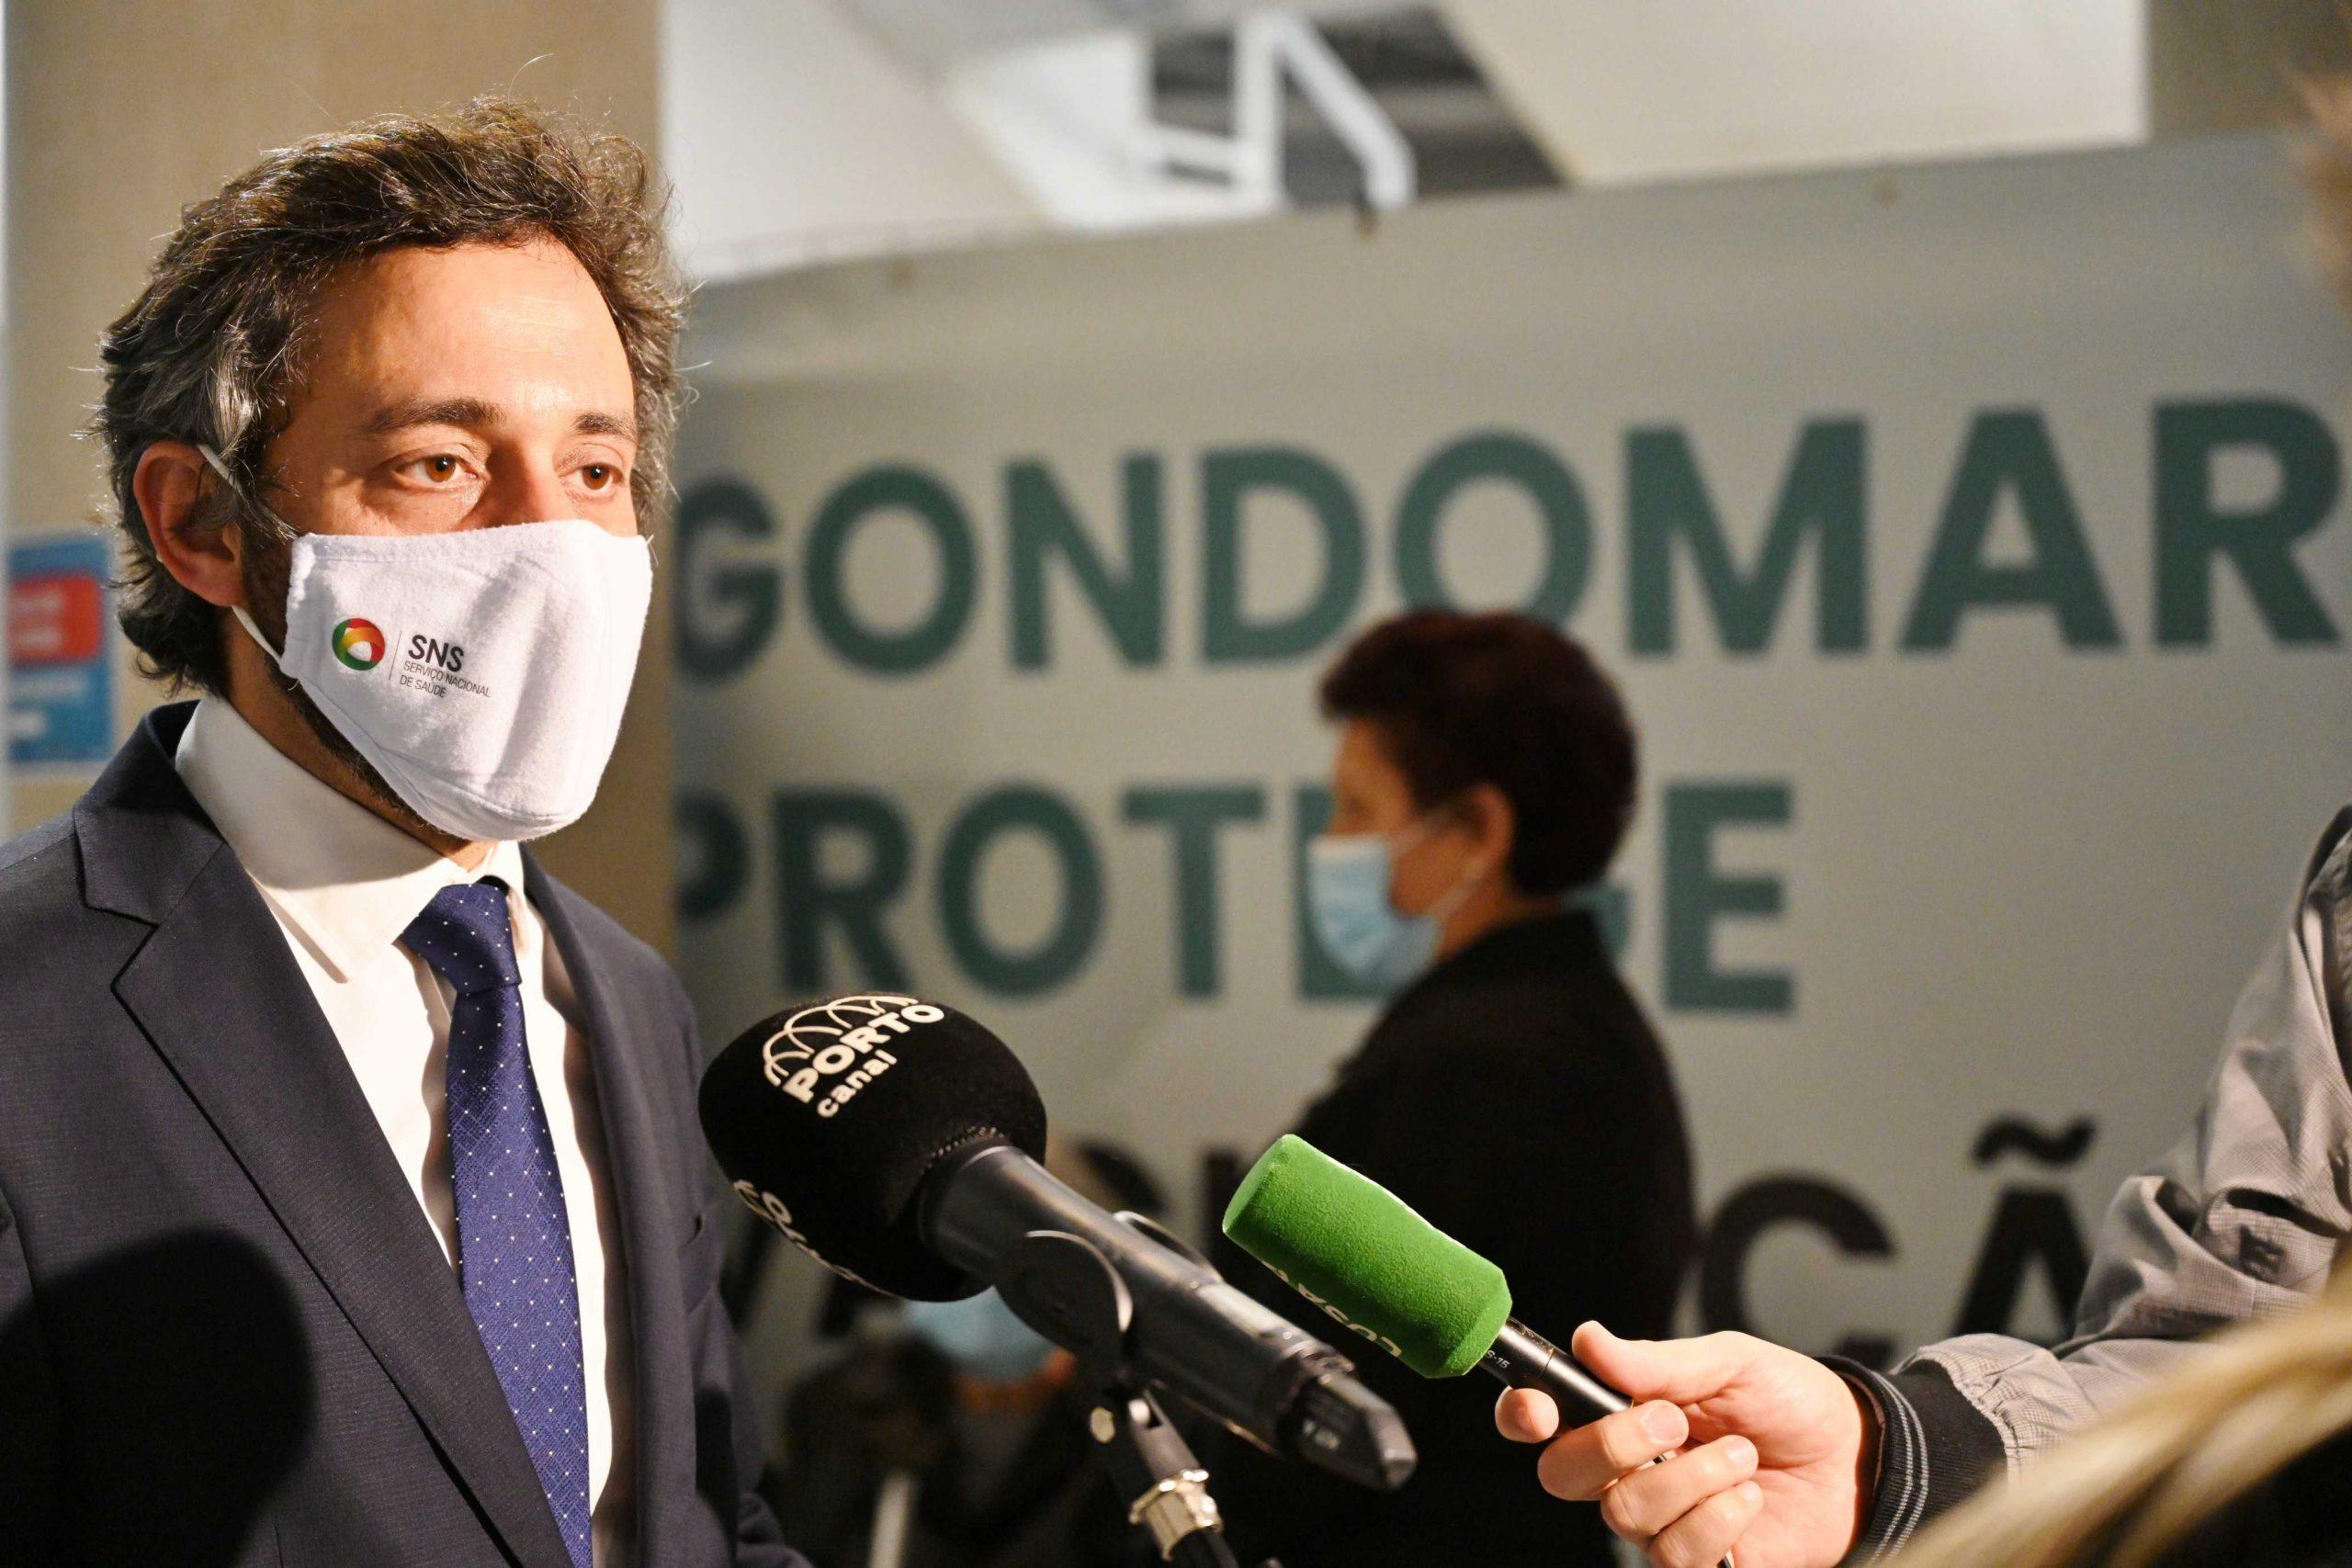 Secretário de Estado, Eduardo Pinheiro, visita o Centro de Vacinação Municipal no Multiusos de Gondomar